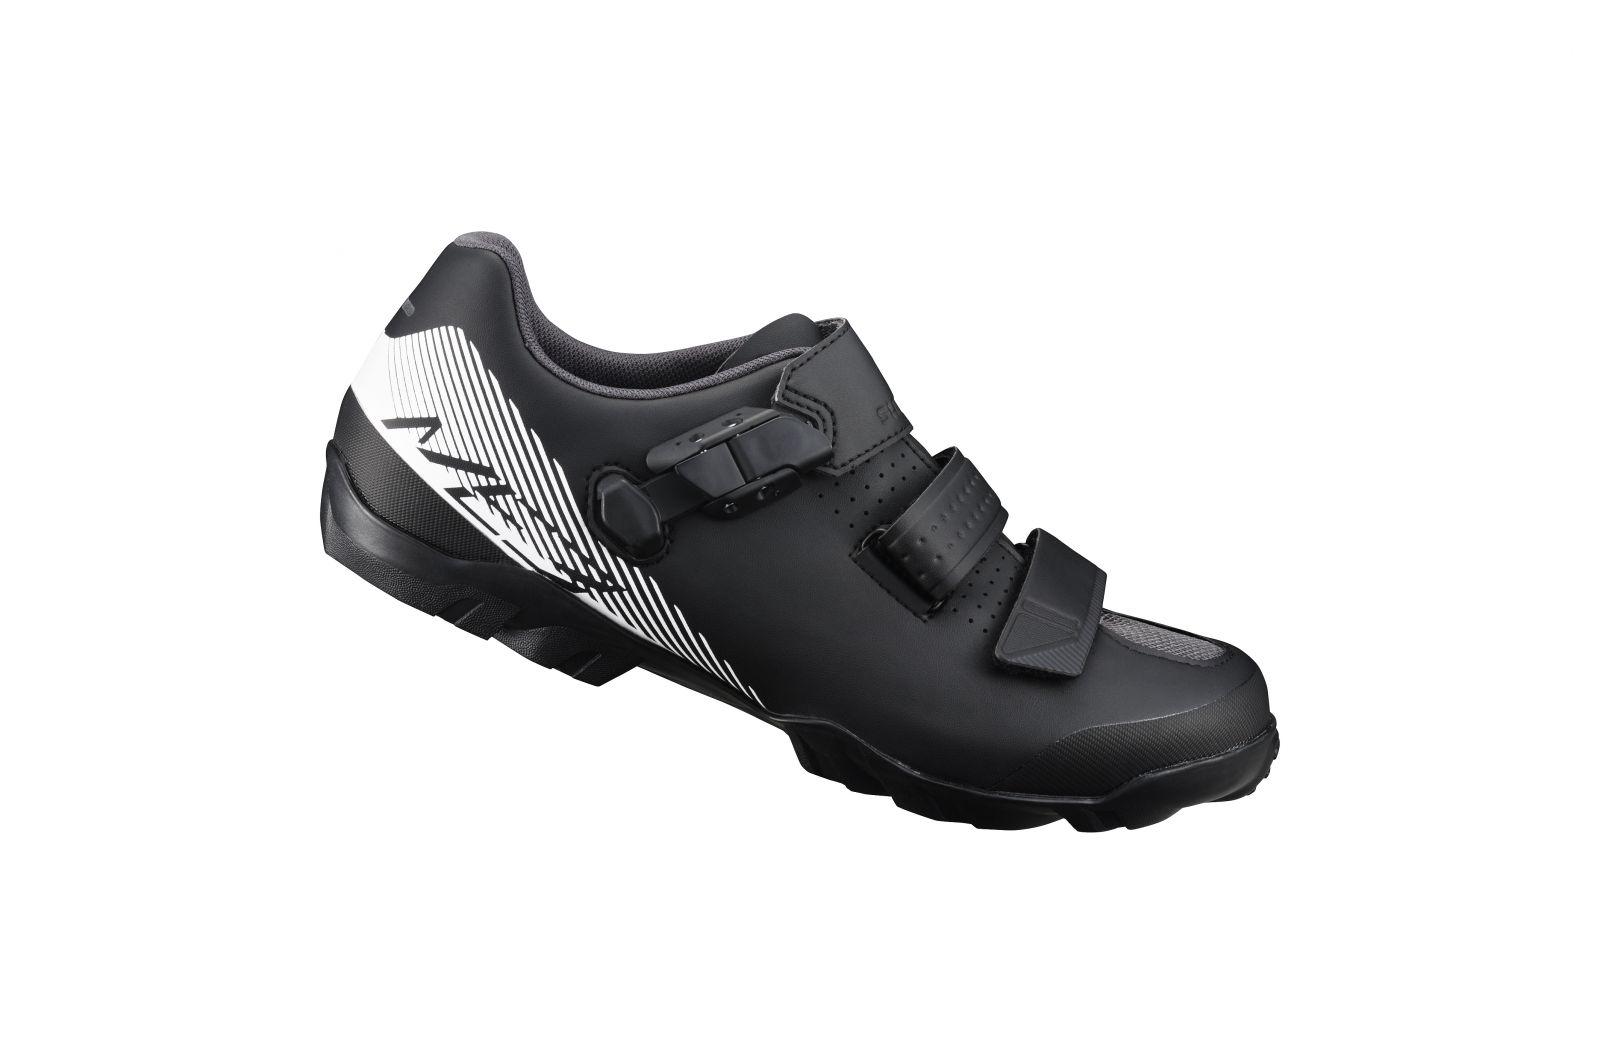 SHIMANO MTB obuv SH-ME300ML, černá, 42